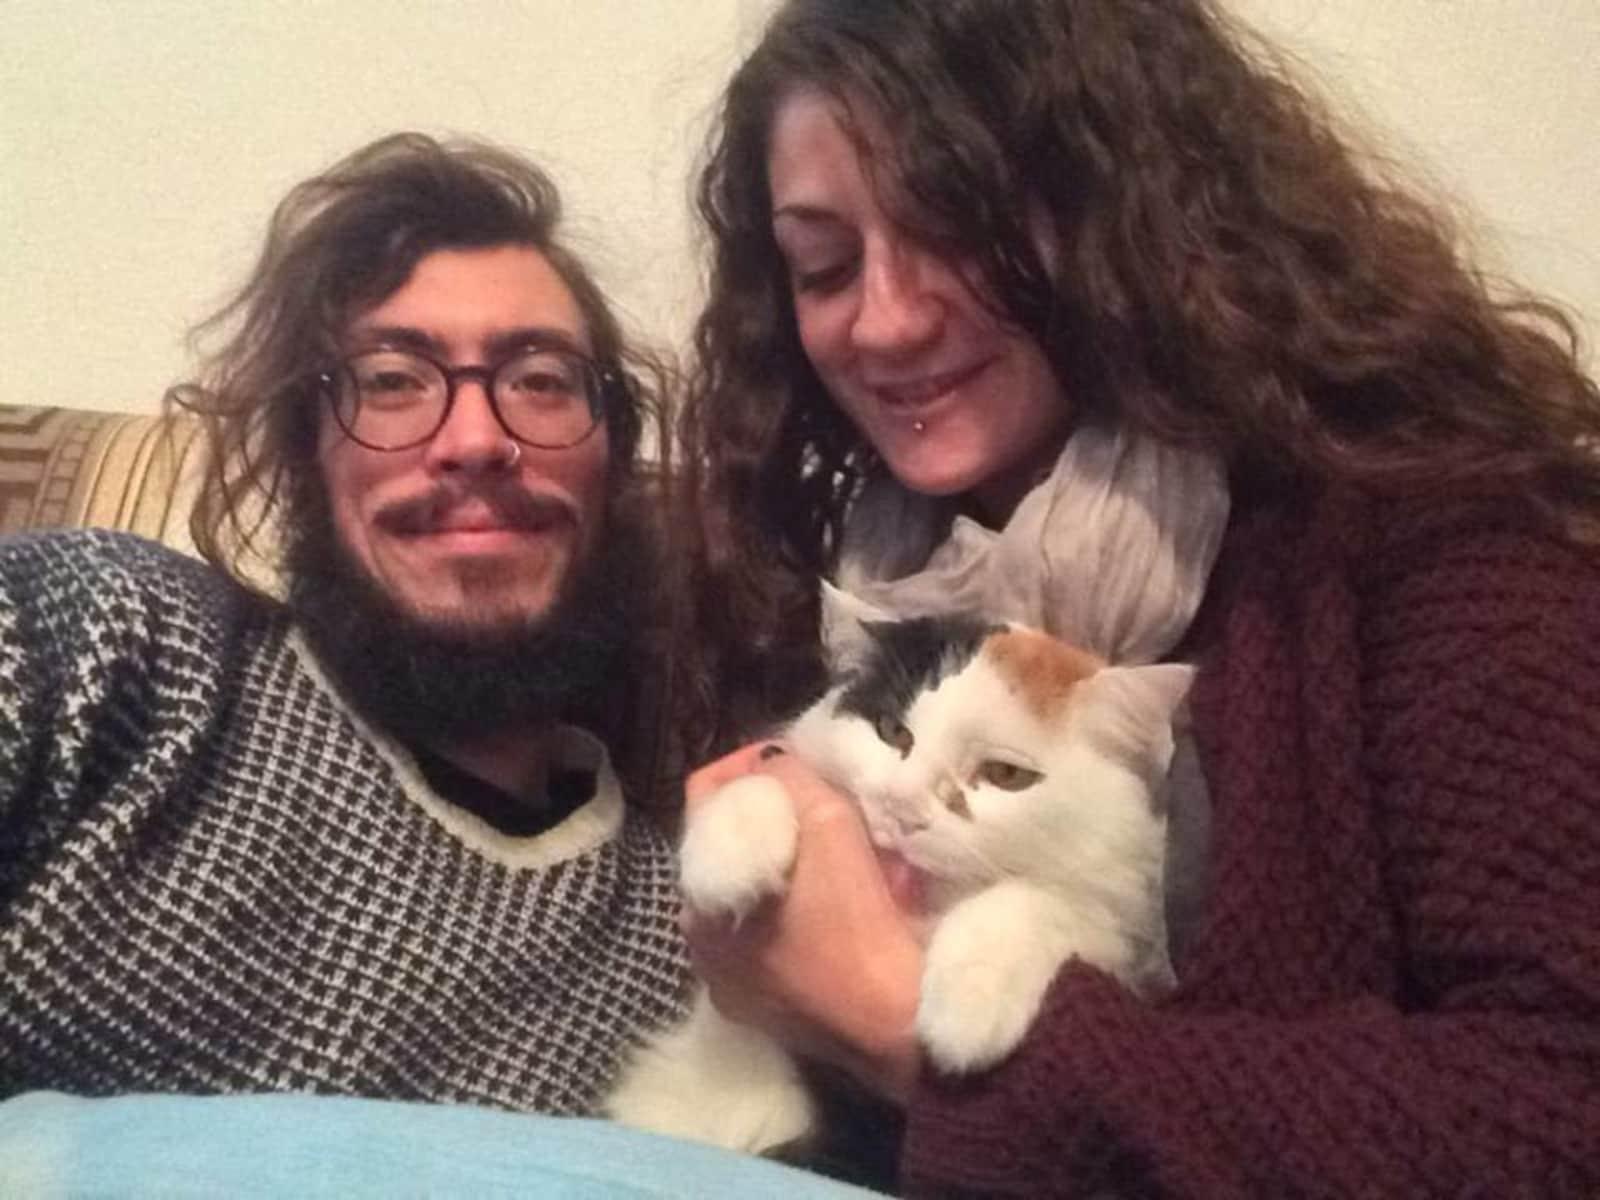 Andrea & giulia & Giulia from Milano, Italy